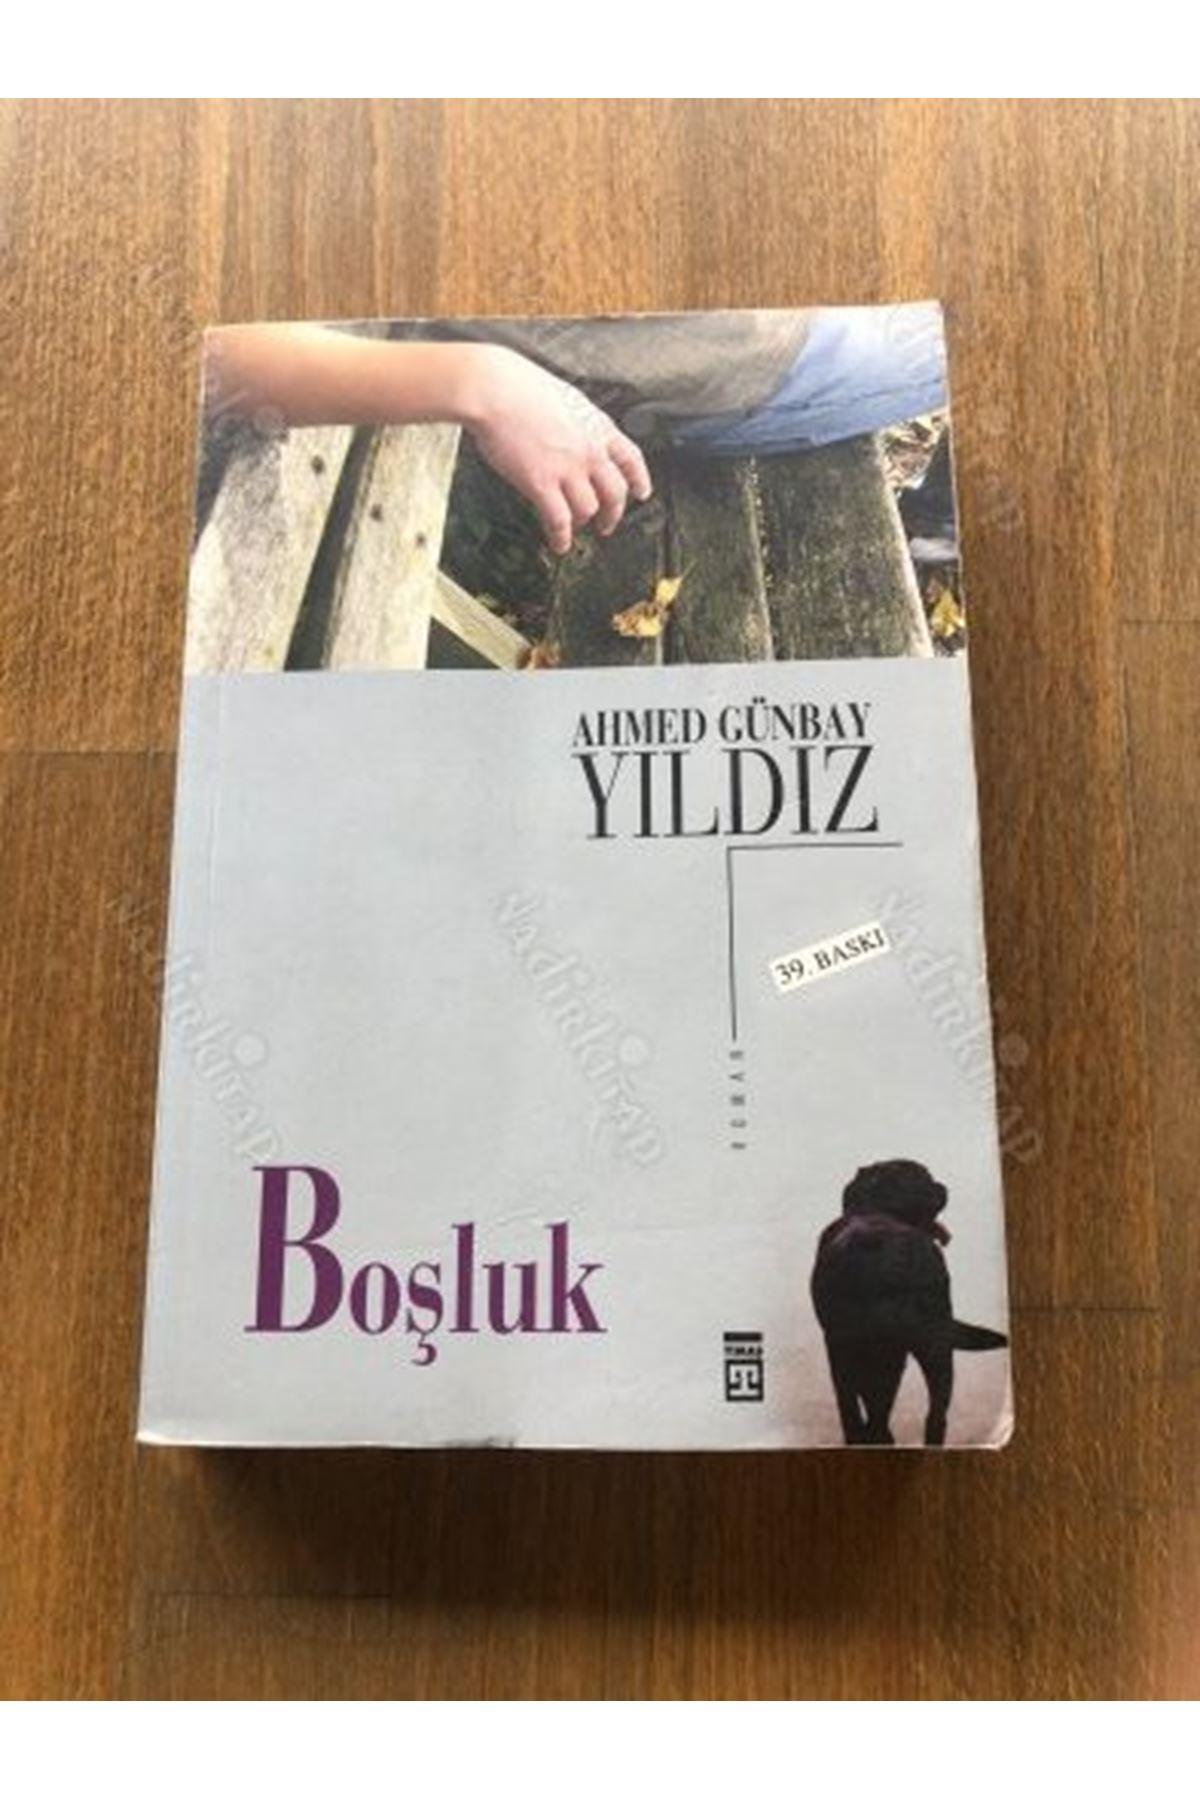 AHMET GÜNBAY YILDIZ - BOŞLUK